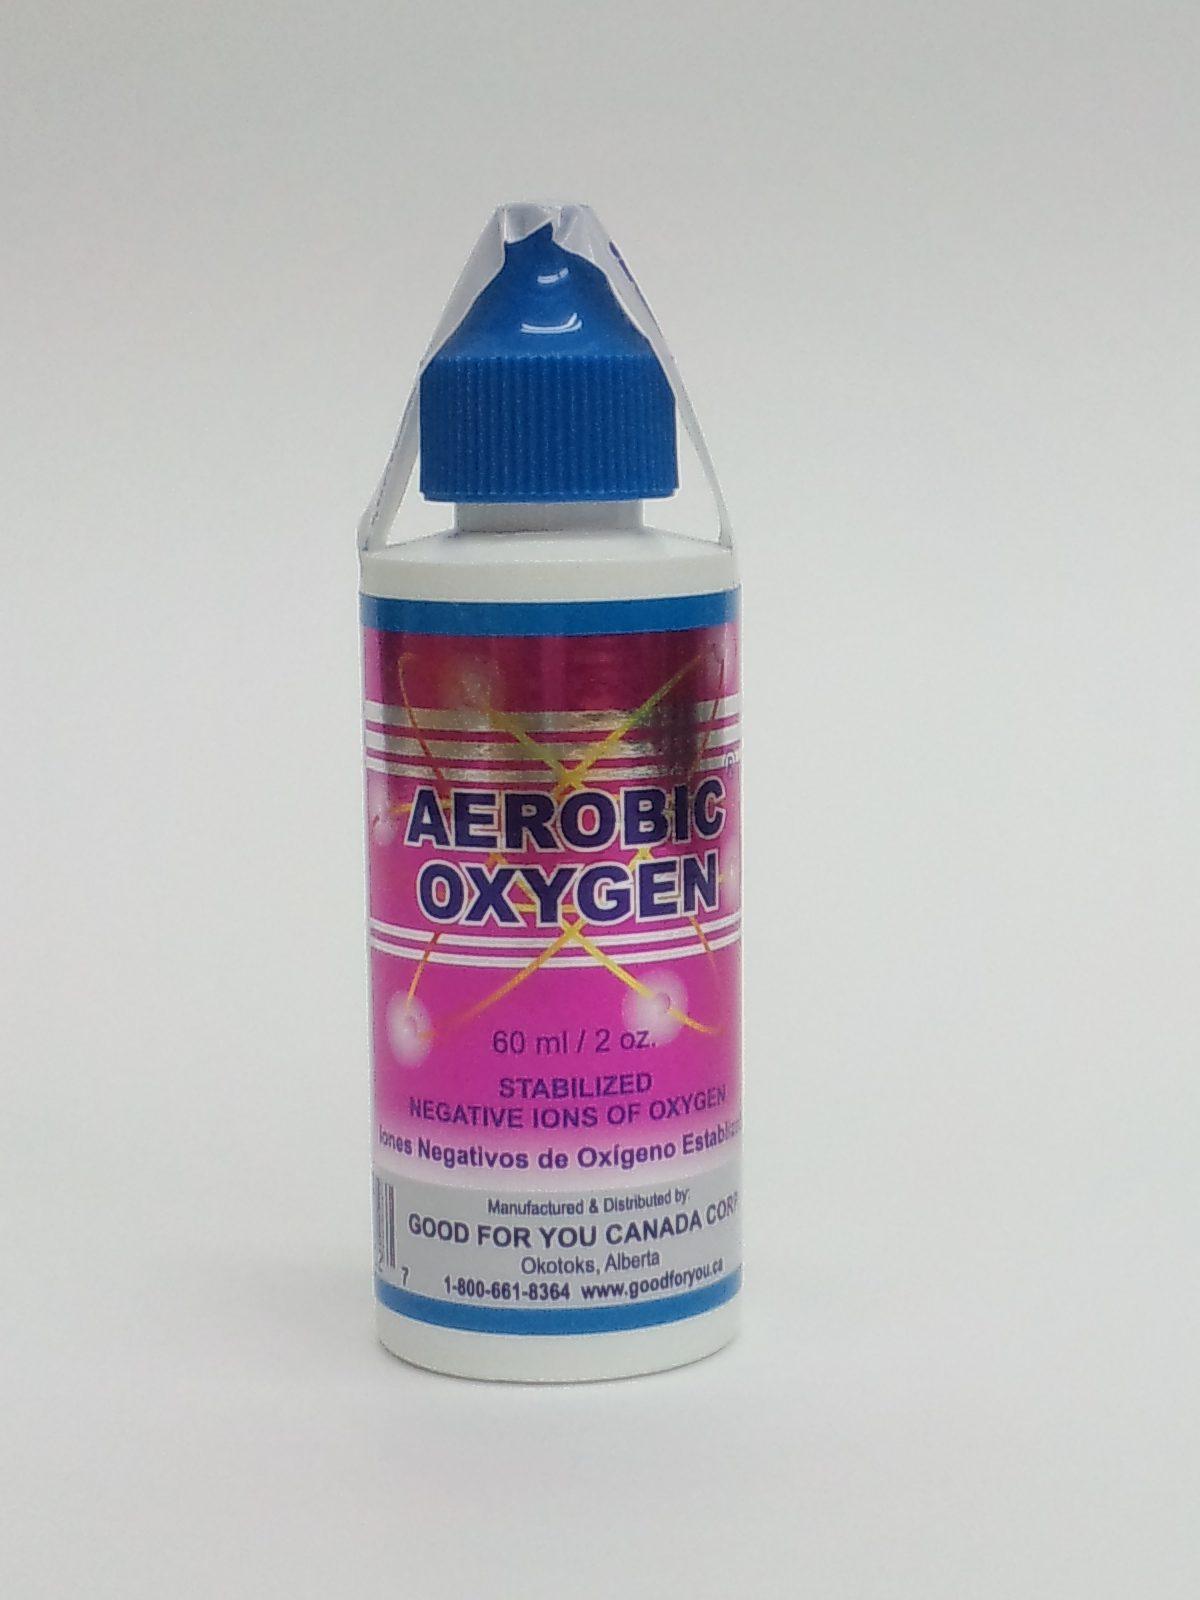 高濃度酸素リキッド「エアロビクス・オキシジェン」Aerobic Oxygen, 60mL